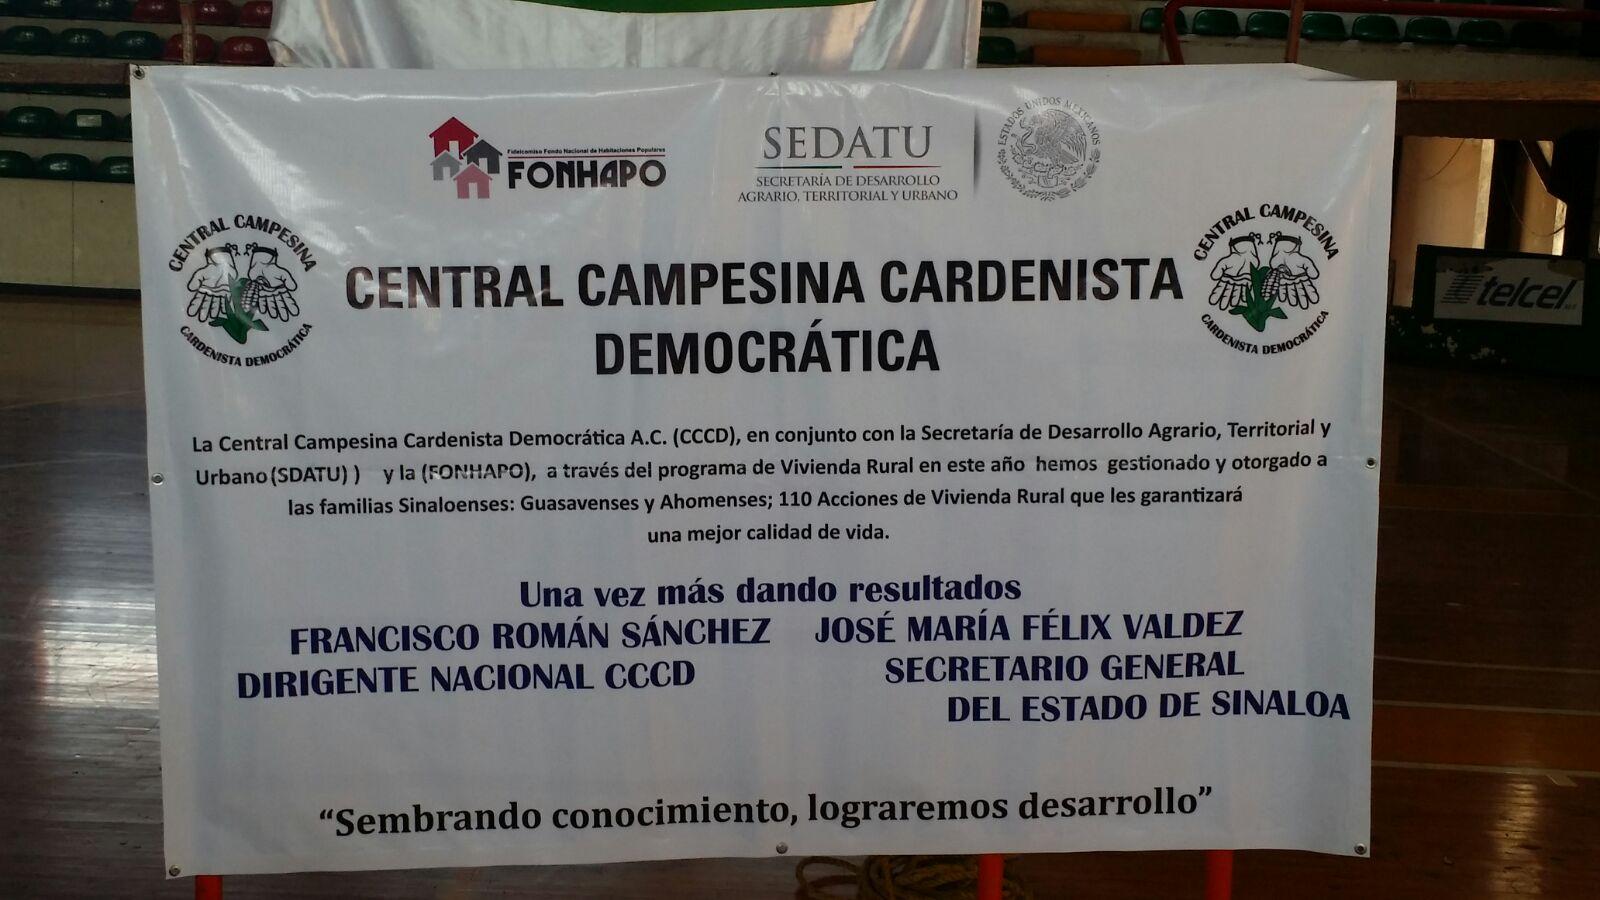 La Central Campesina Cardenista Democrática Entrega 110 Acciones de Vivienda